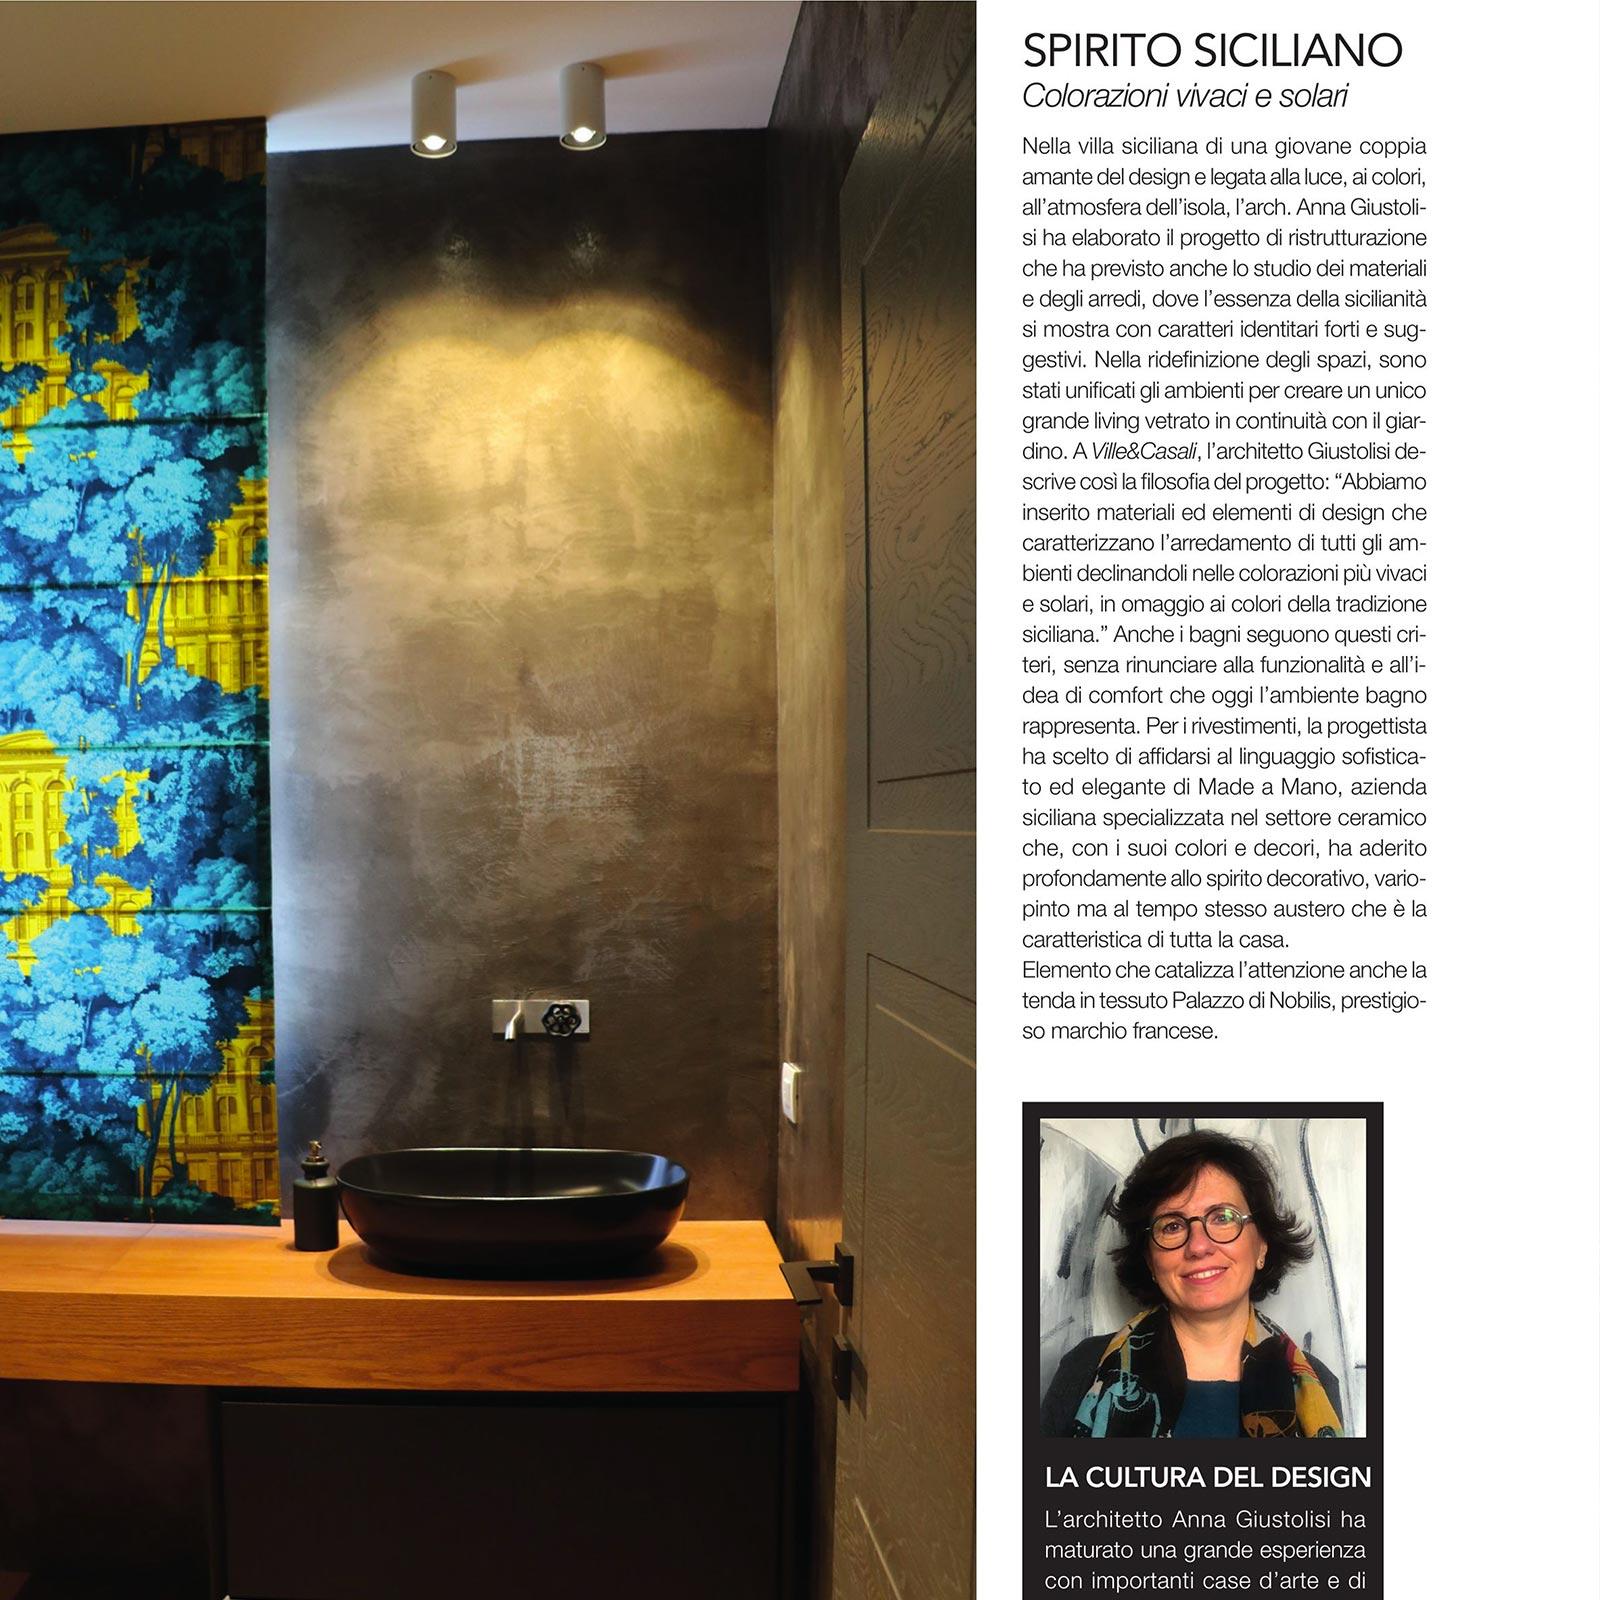 Made a Mano - Press 2020 May - Ville e Casali - Arch. Giustolisi Anna